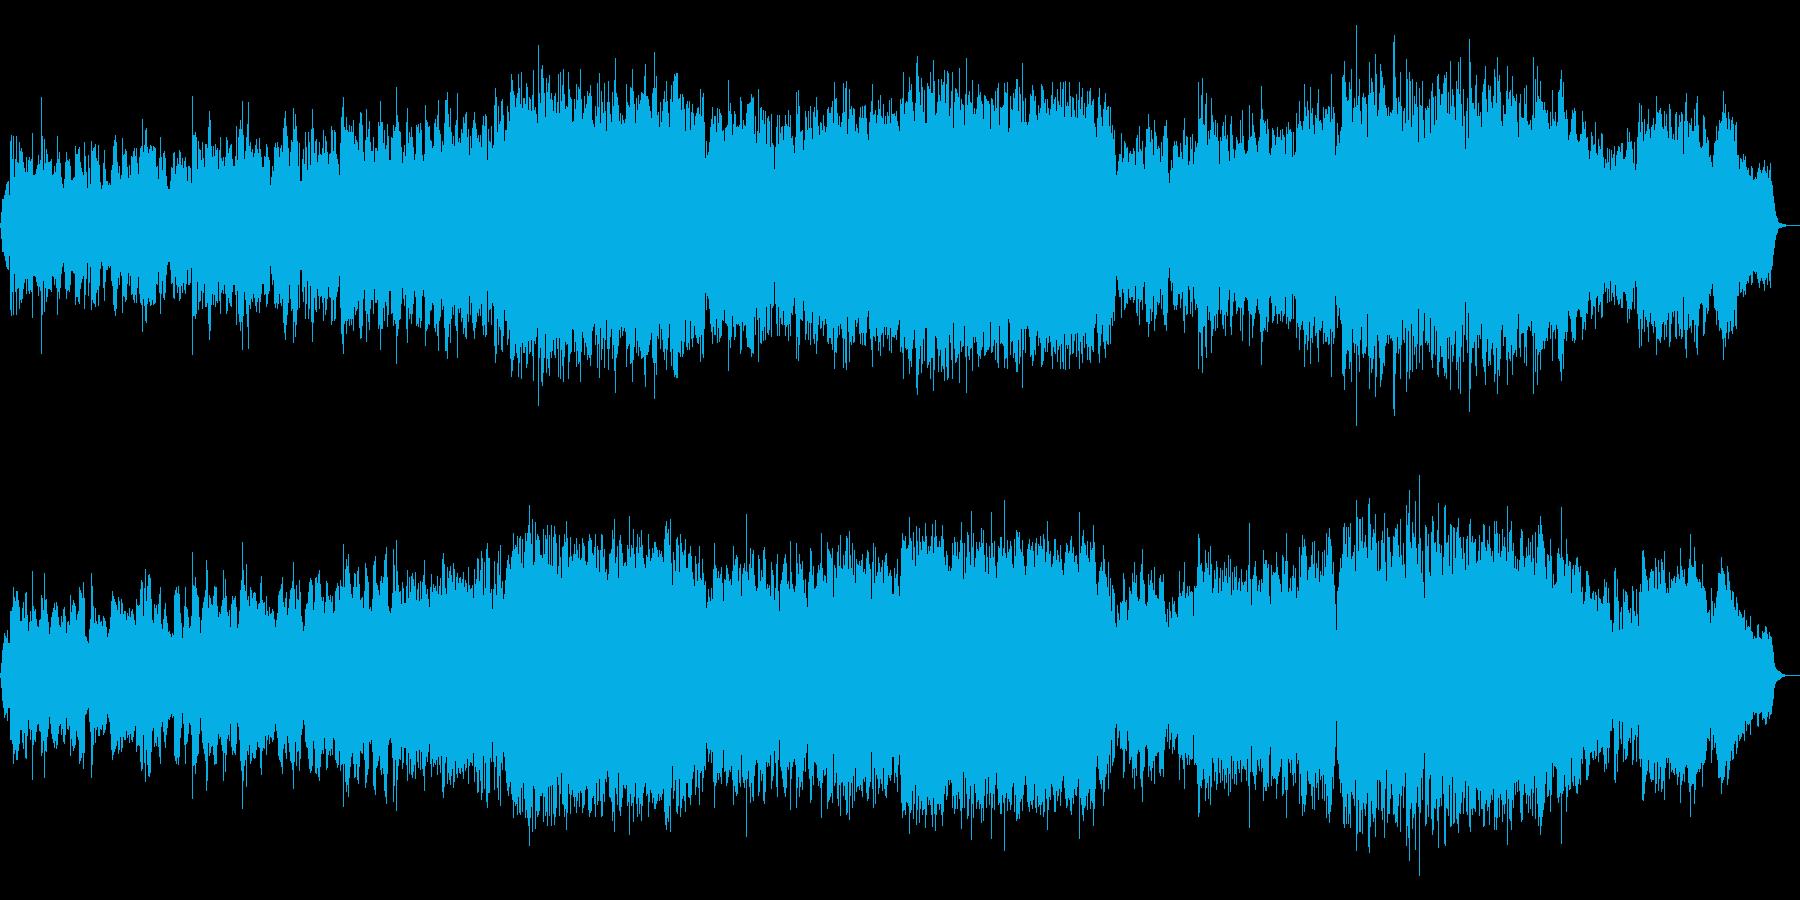 生演奏!二胡の東洋風で雅な癒される和風曲の再生済みの波形